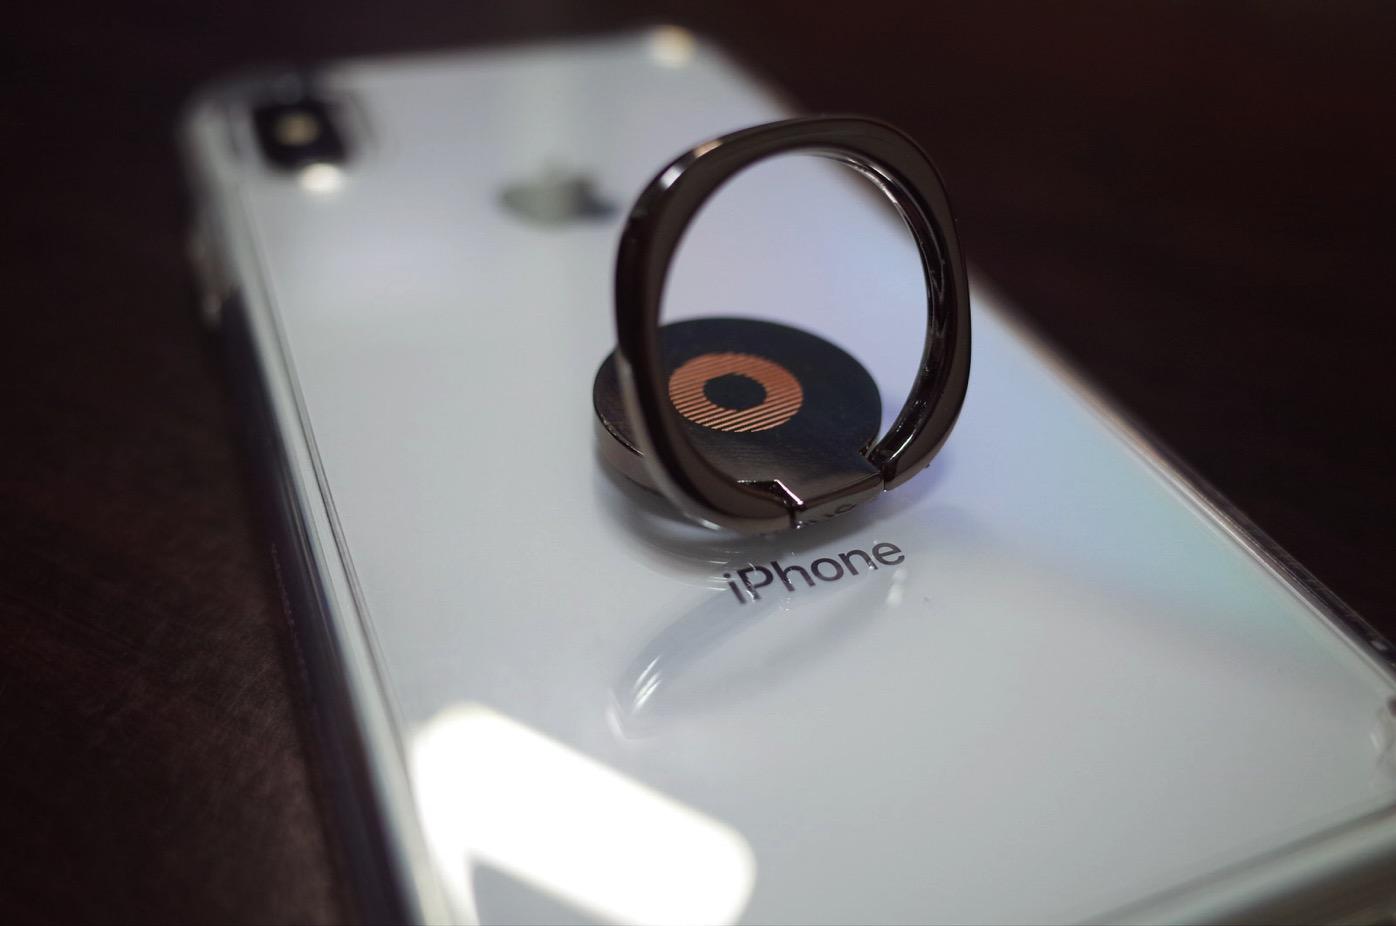 [iPhone]片手操作の機能性向上のため新型「iPhone X」でも360度回転のバンカーリングを導入したよ